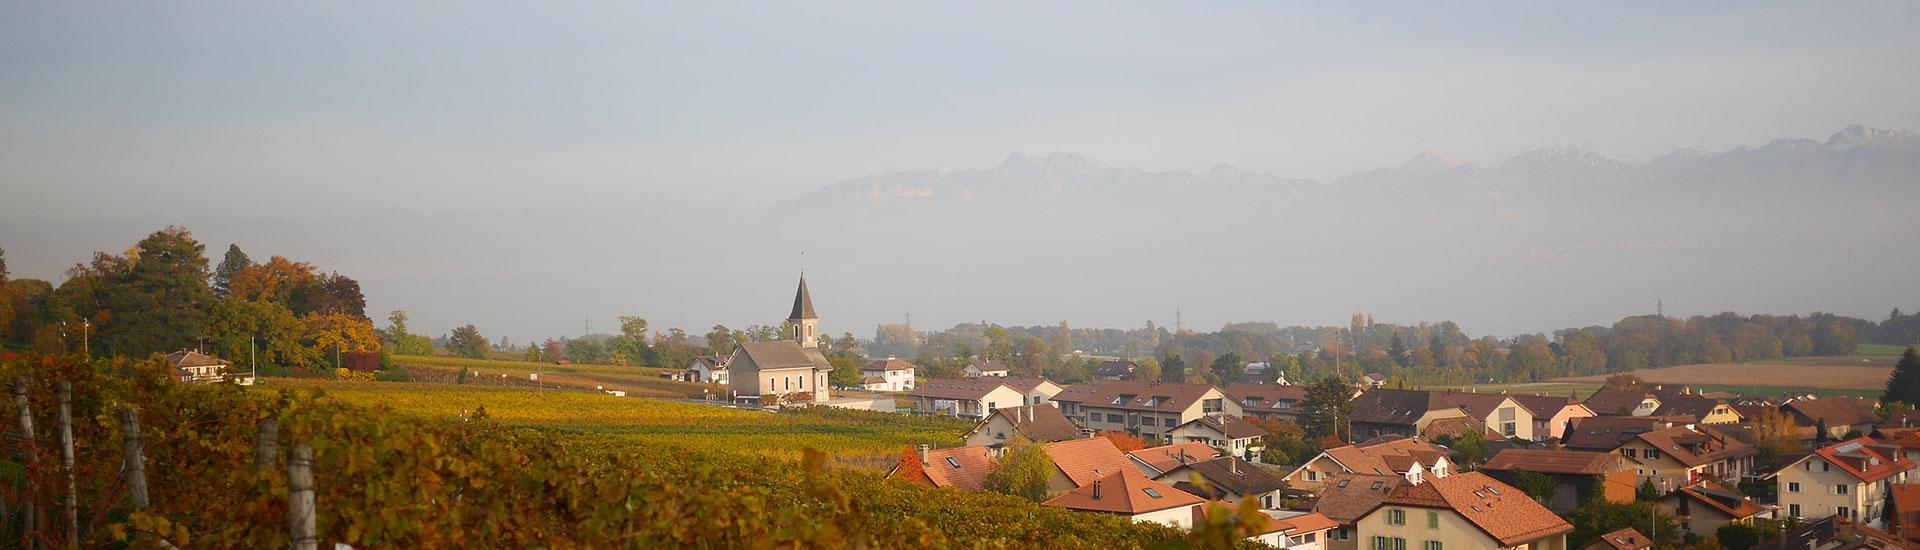 Le village Auberge de Gilly